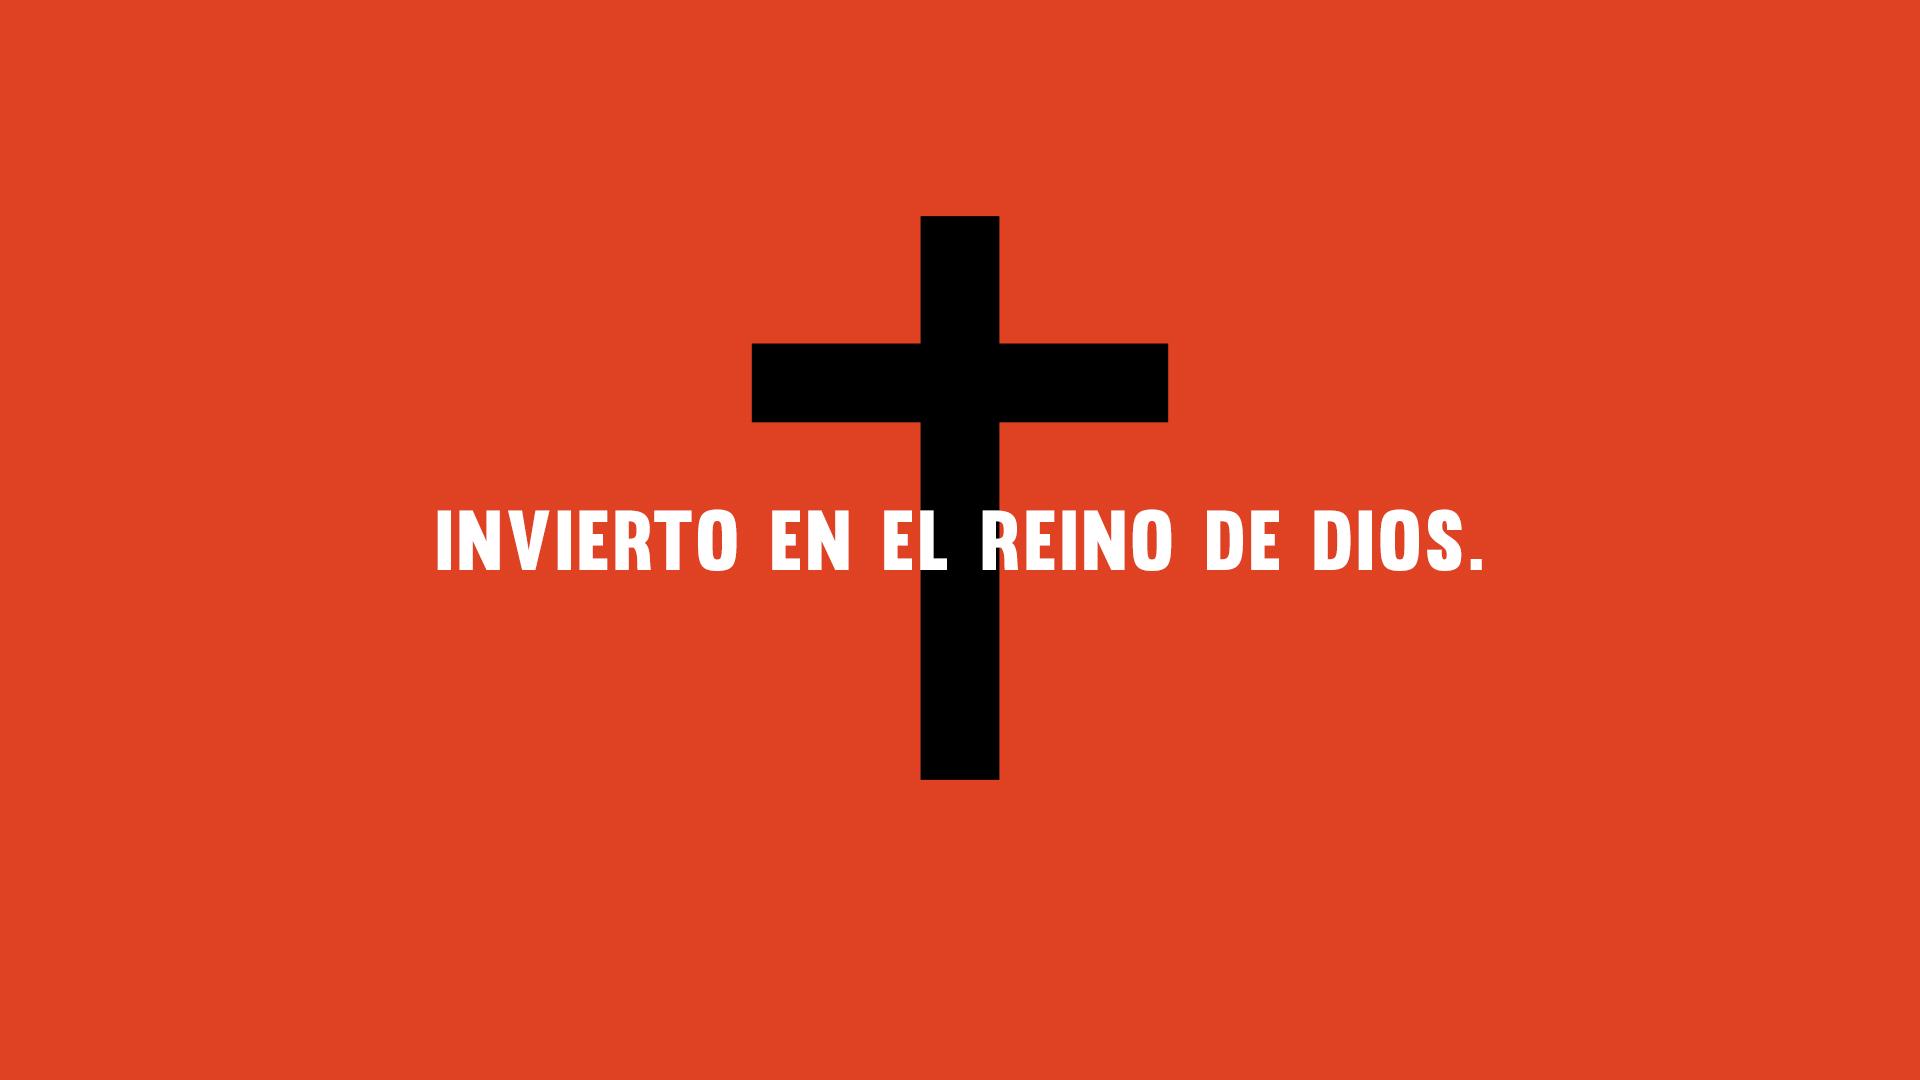 INVIERTO EN EL REINO DE DIOS.jpg